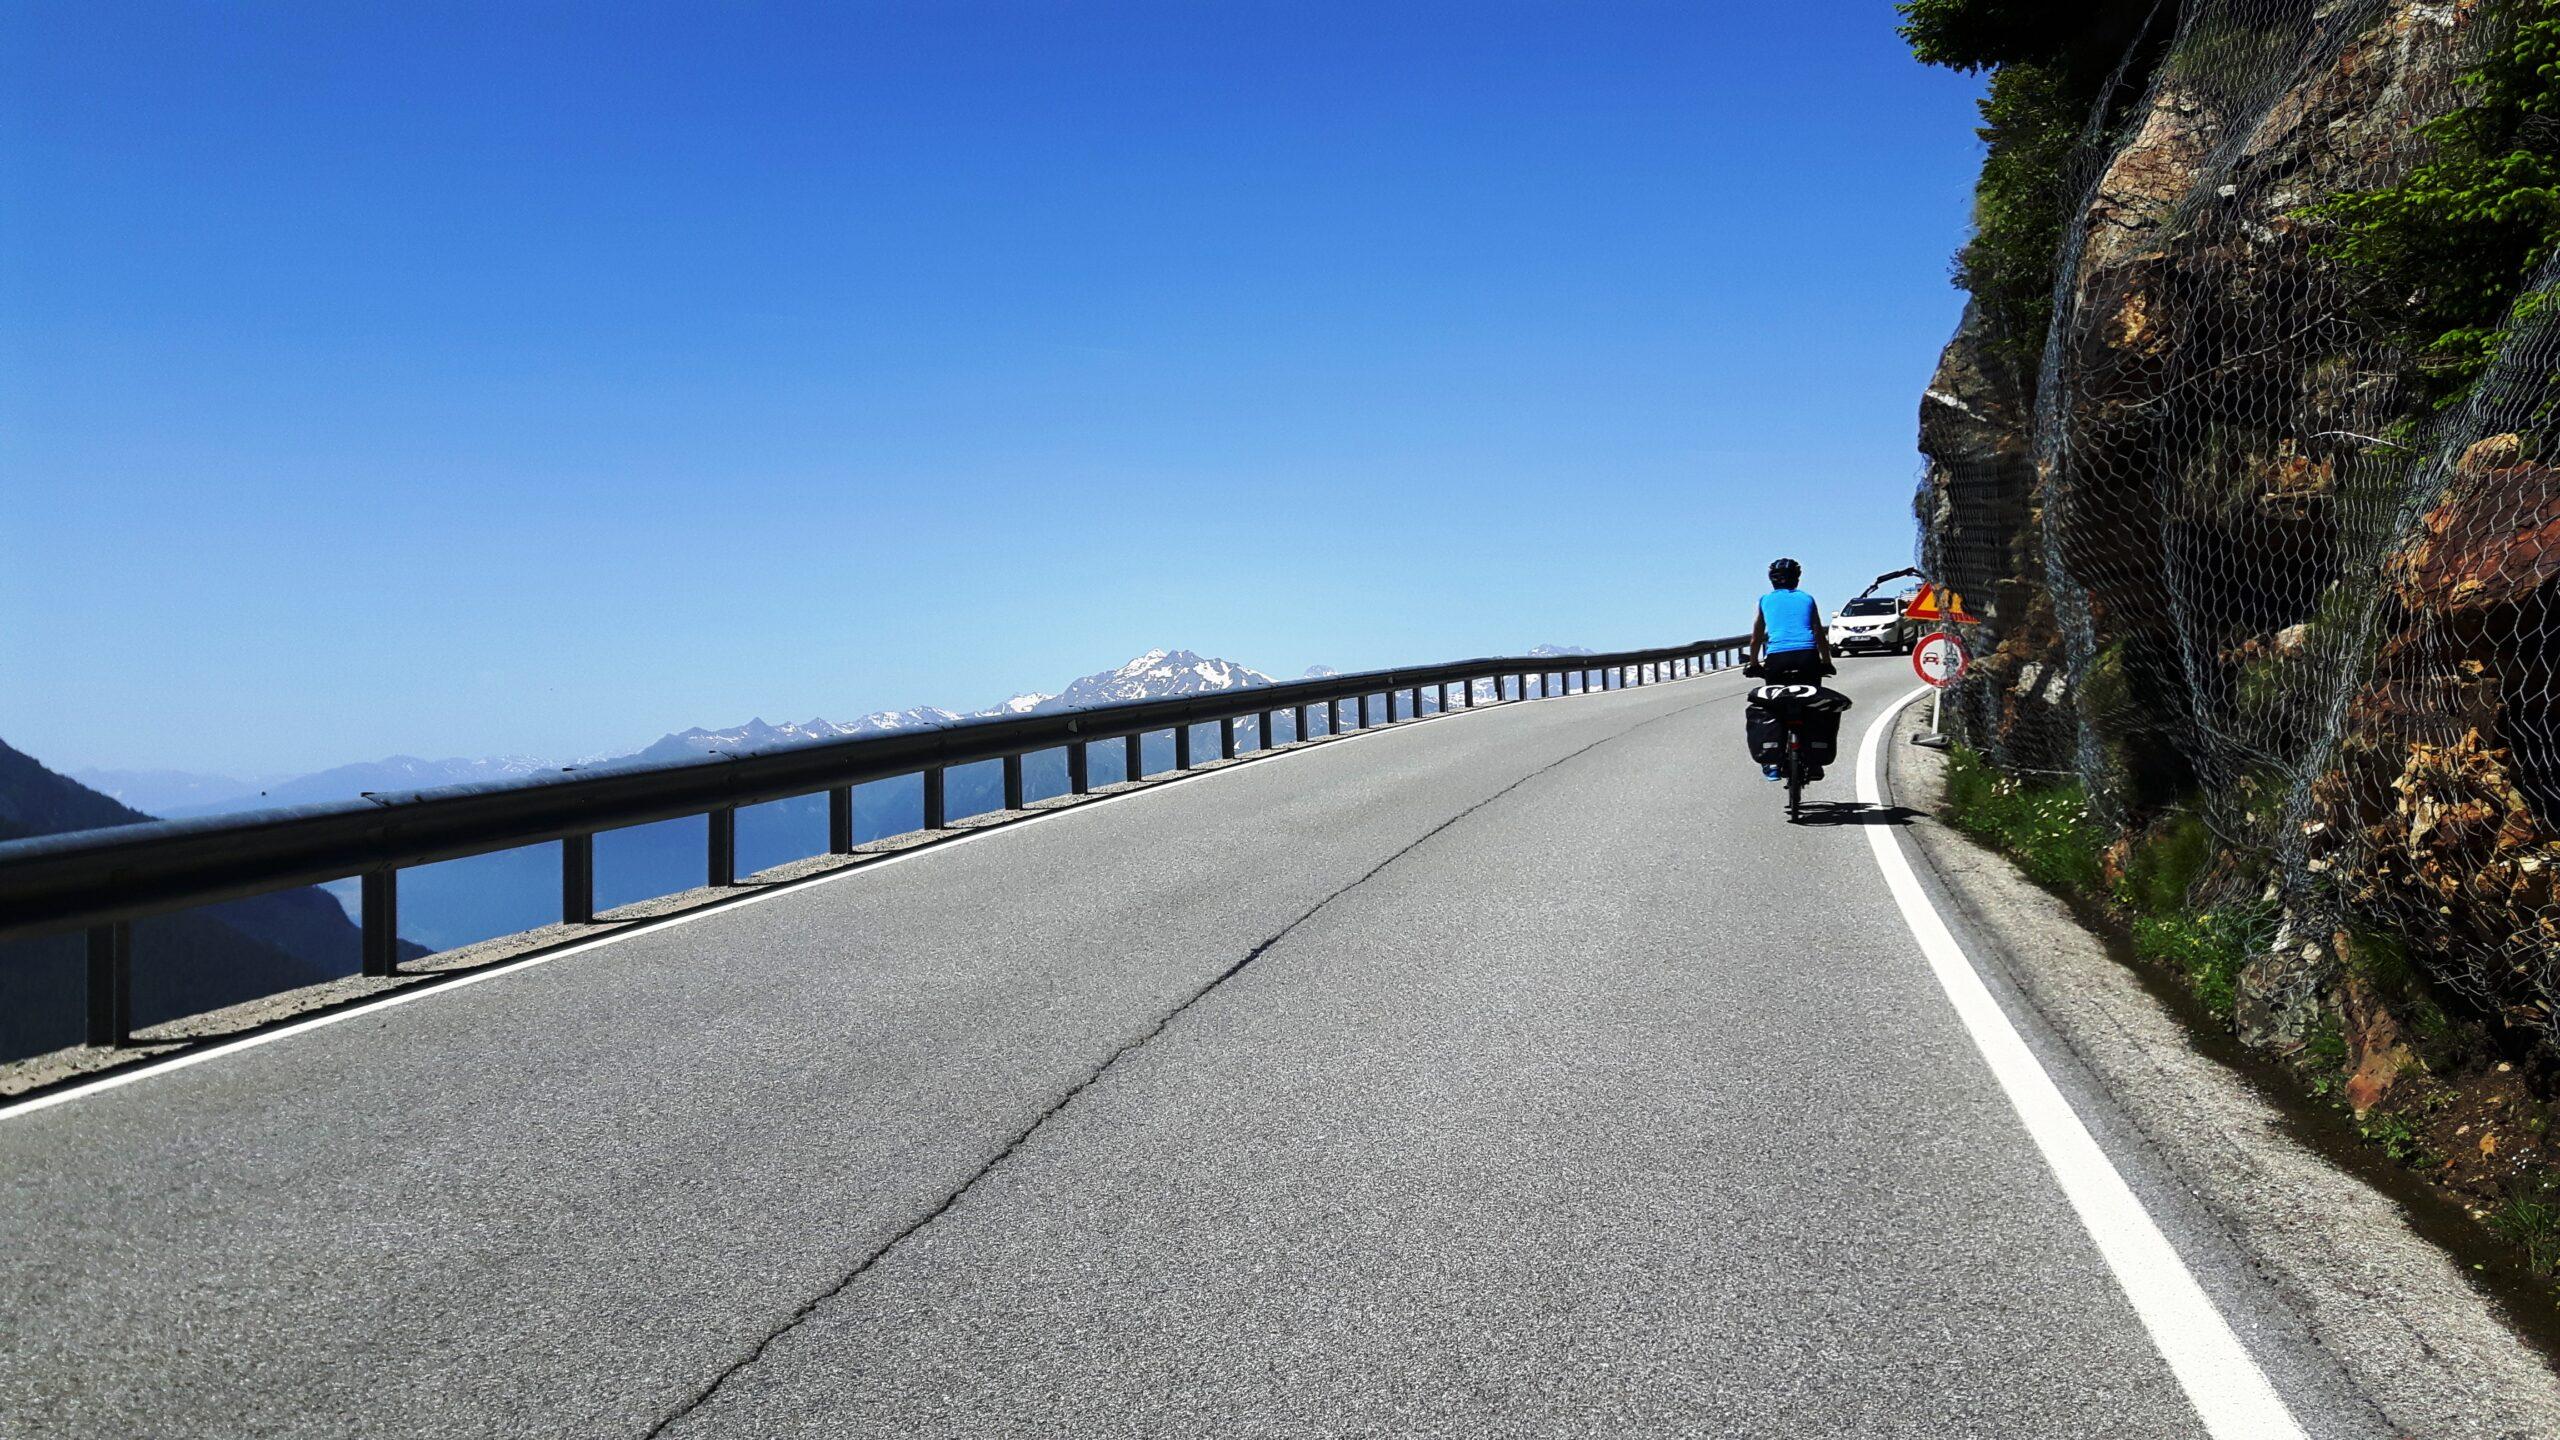 Rowerowe wyprawy, wyprawa rowerowa